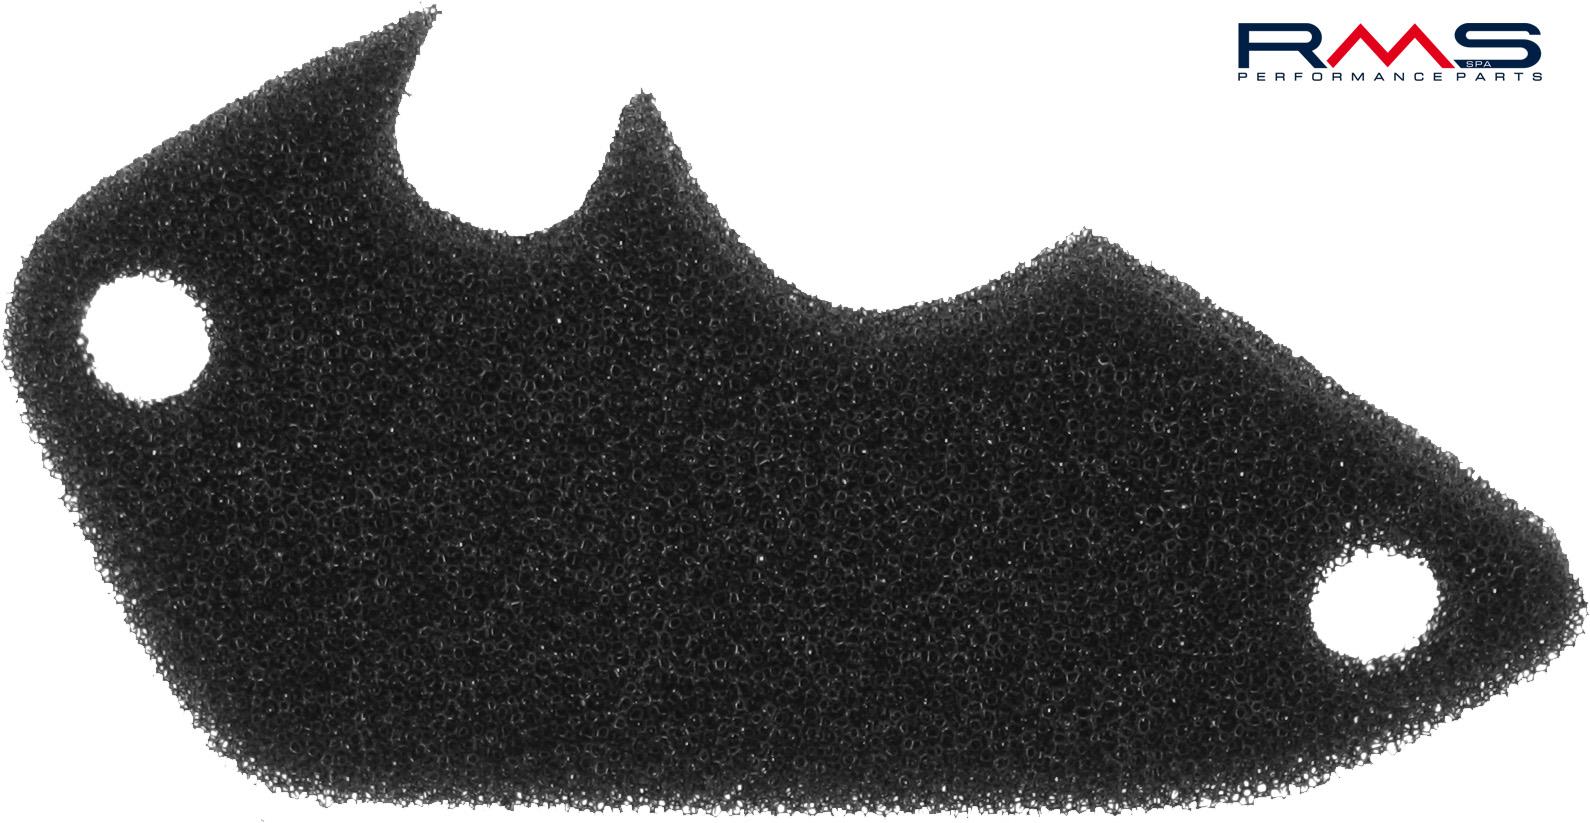 Burete filtru aer Derbi Gp1-0